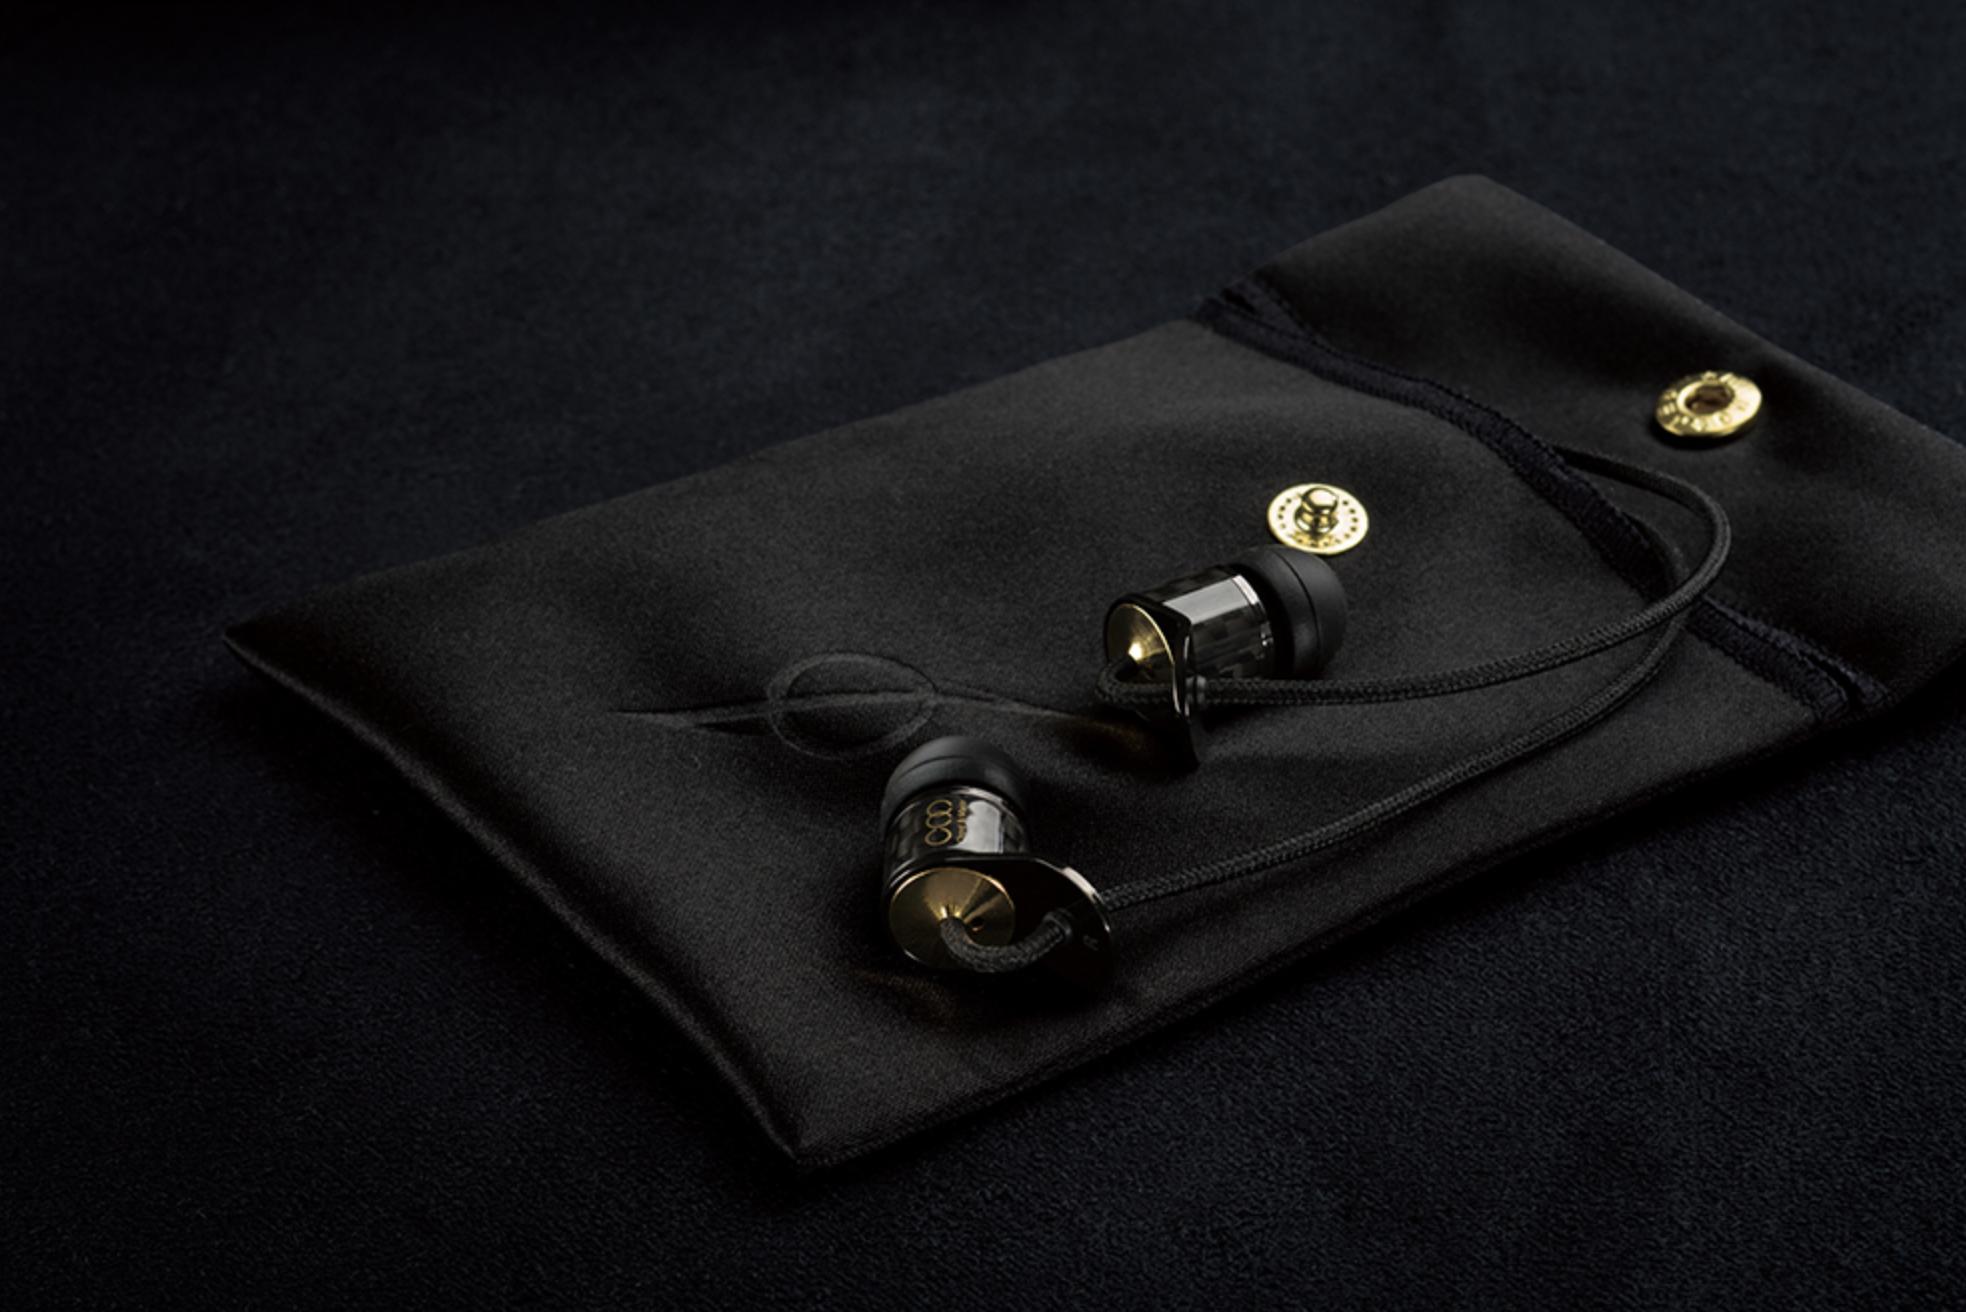 Major01'16 精緻絨布耳機收納袋